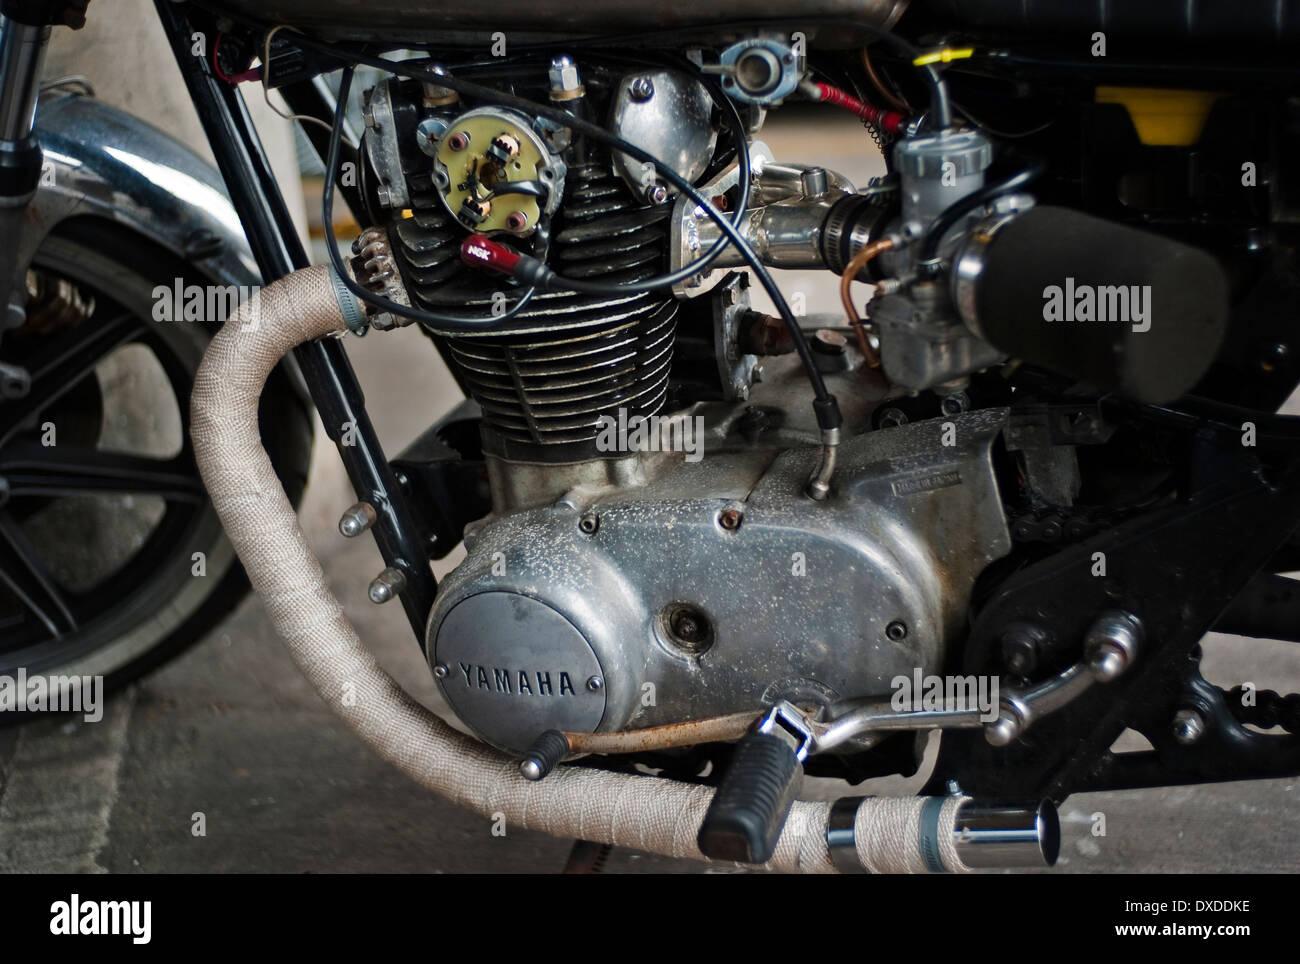 Yamaha Engine Stock Photos Images Alamy Motorcycle Classic Image